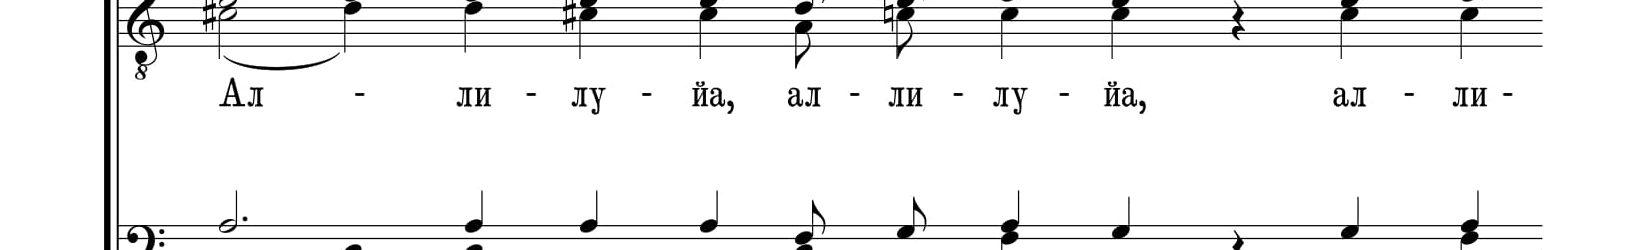 Хвалите имя Господне (Киевский распев в редакции С. В. Смоленского)